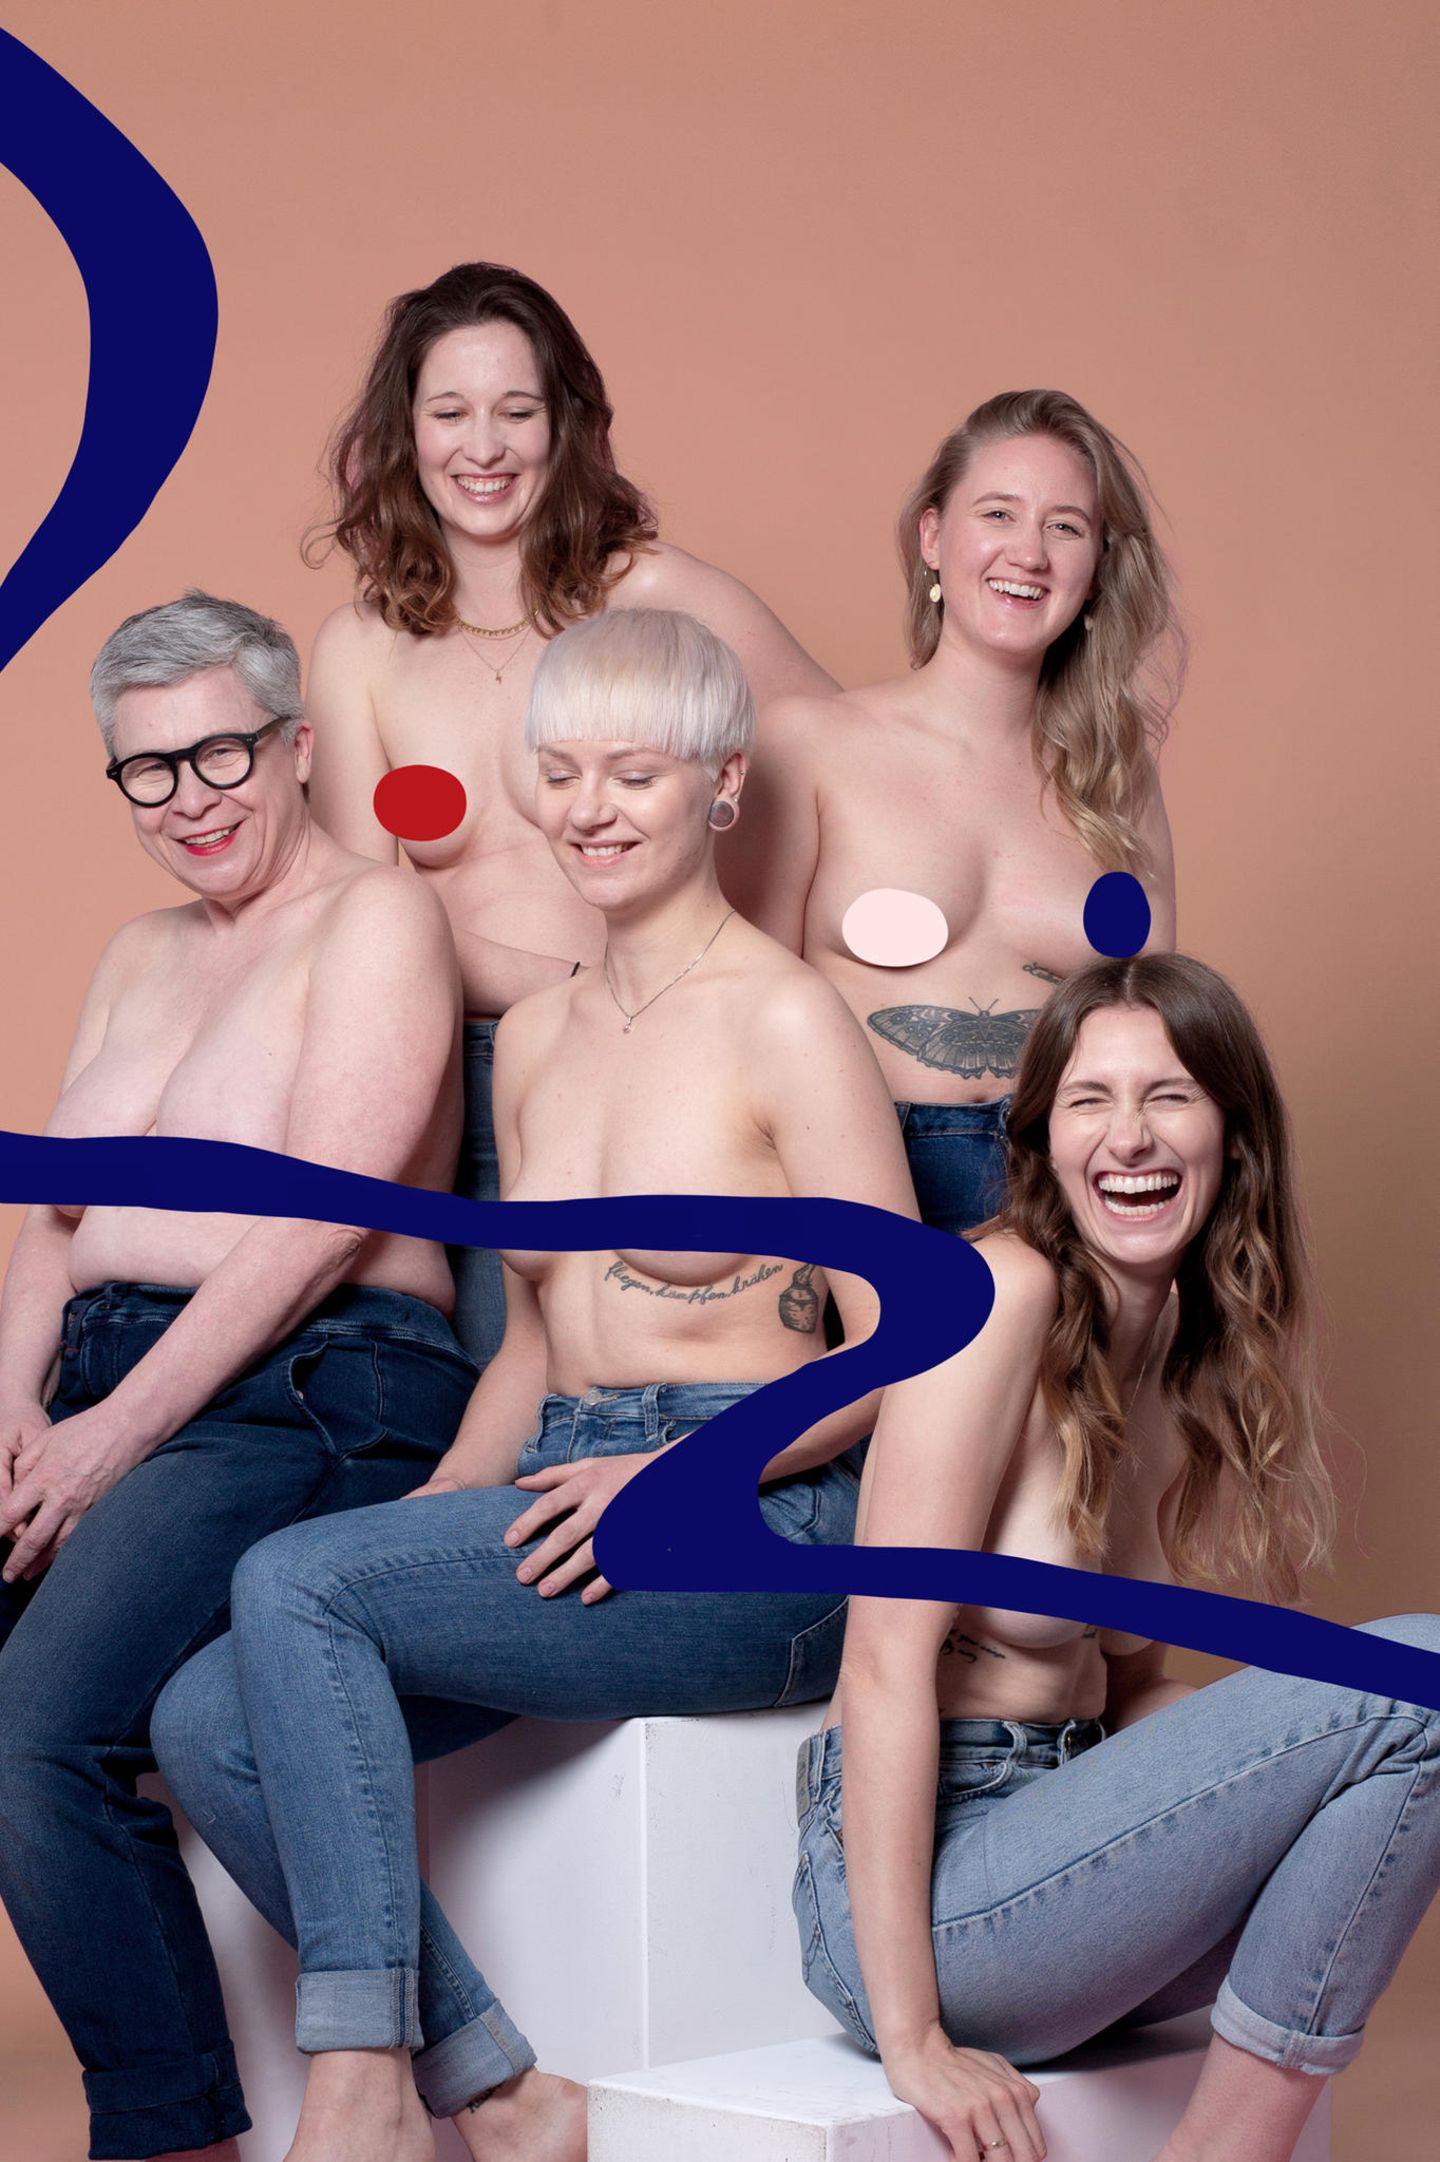 nippel posieren nackt